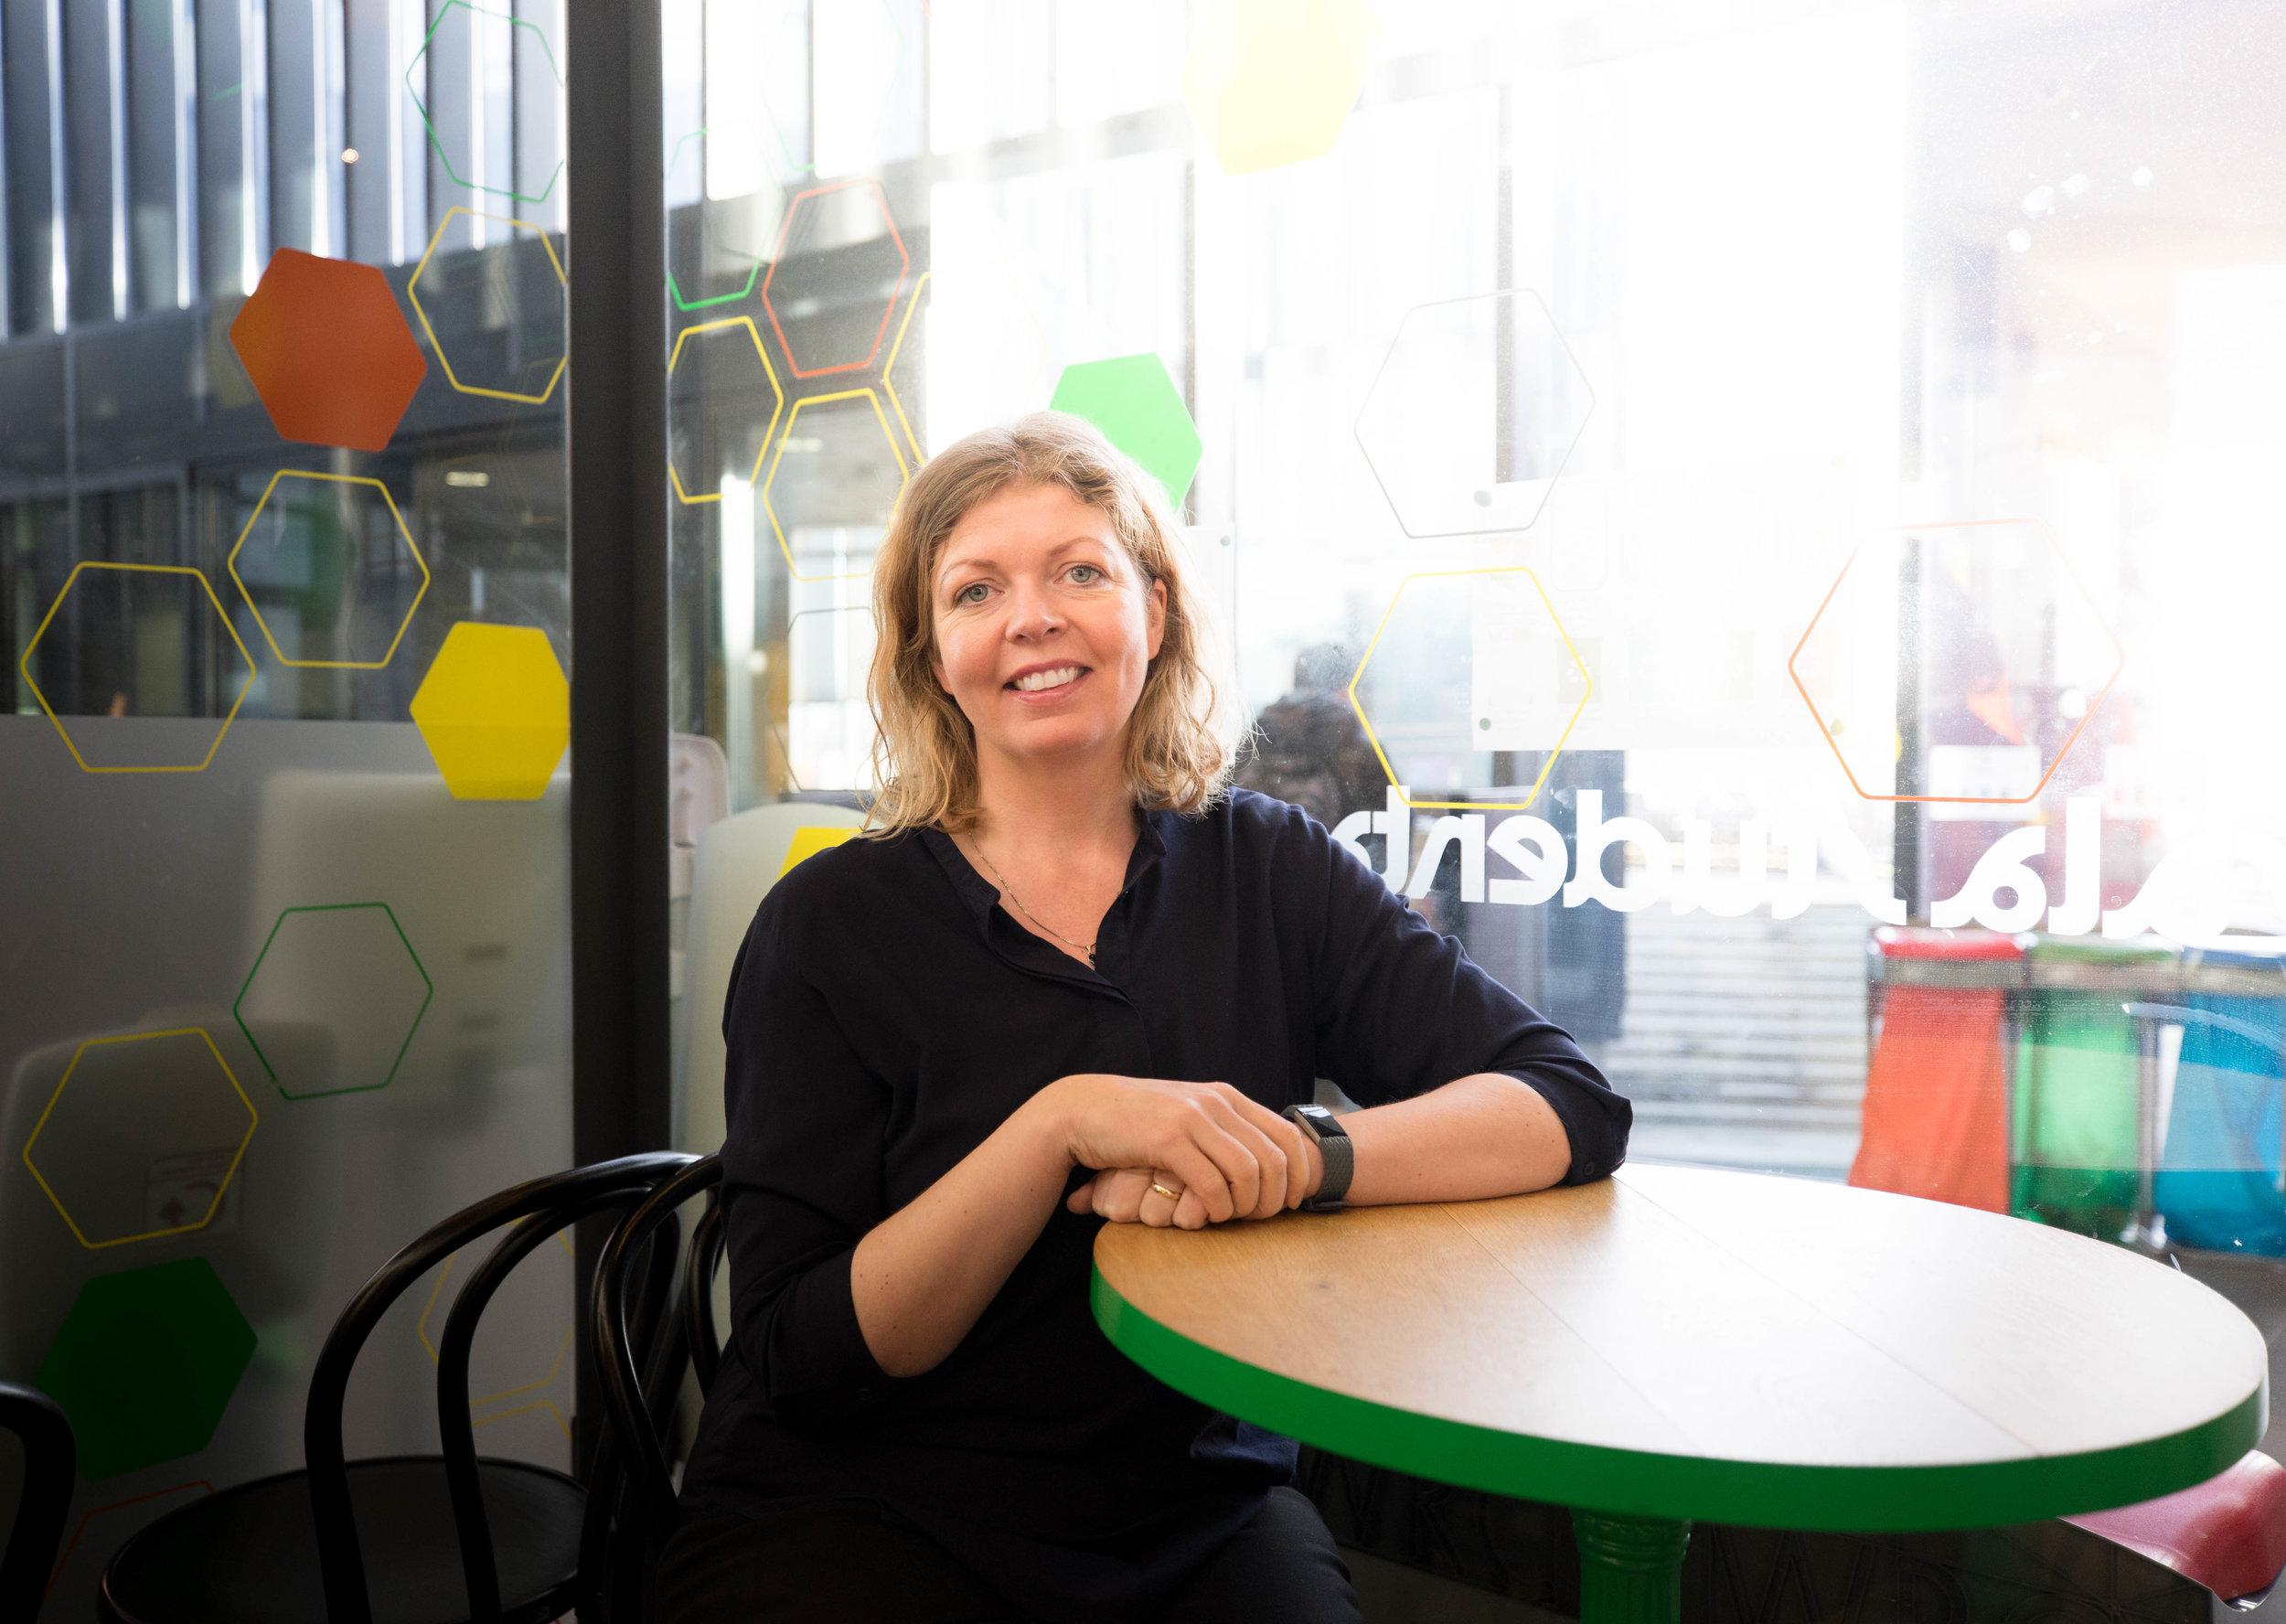 Ína Dögg Eyþórsdóttir, foreign transcript evaluation specialist at UI.  Stúdentablaðið/Eydís María Ólafsdóttir